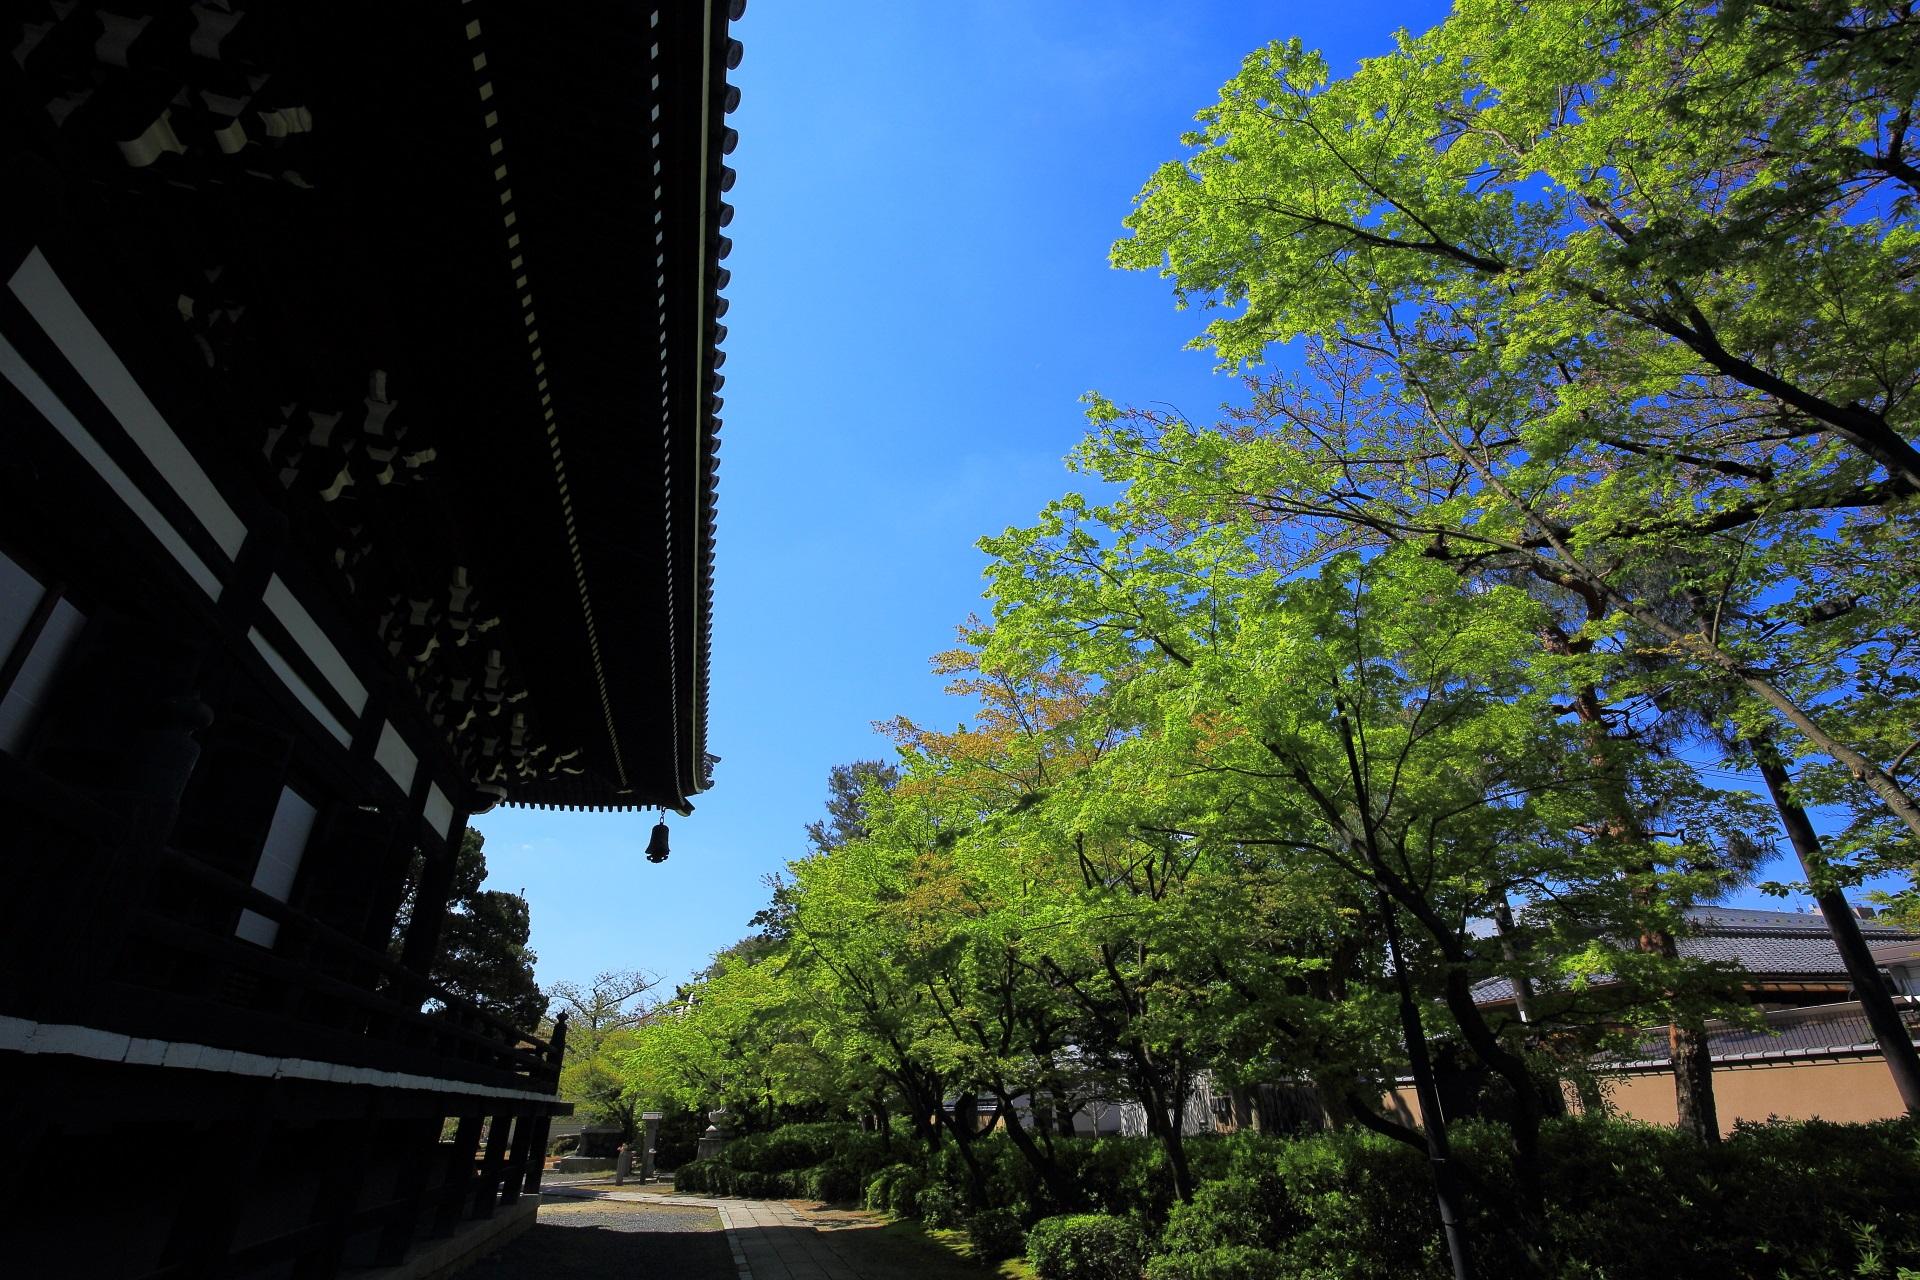 妙顕寺 新緑 写真 高画質